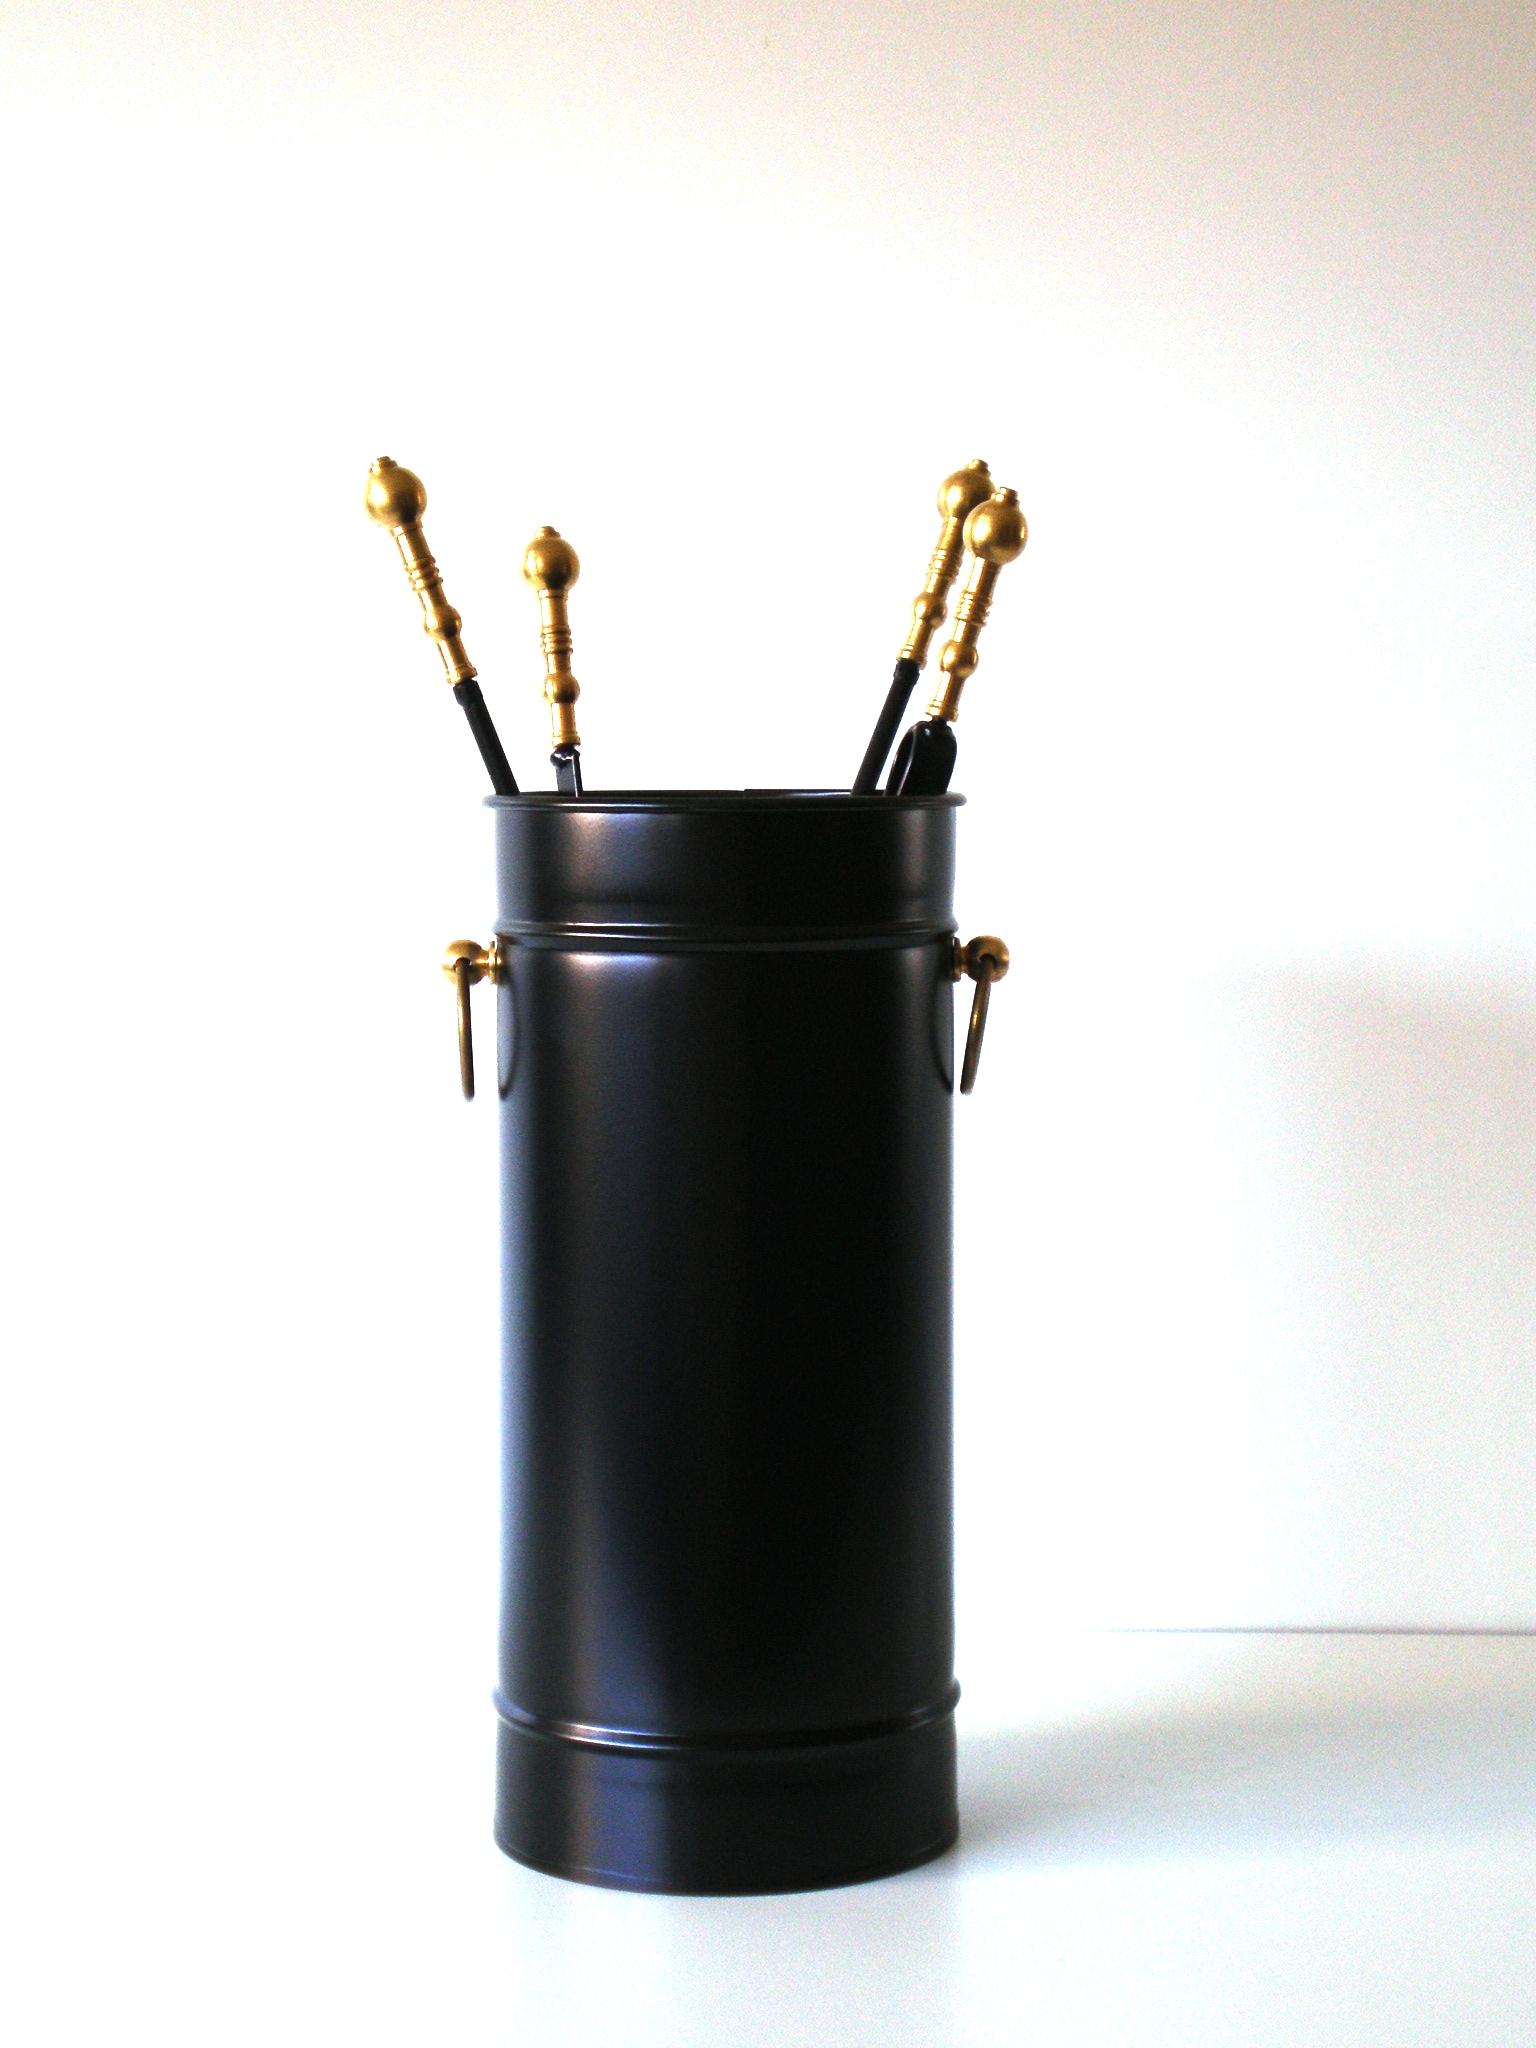 """Κρεμανταλάς Κουβαδάκι """"Μαύρο Μπίλια Oro"""" - Β - 3-115 ΜΑΥΡΟ ΜΠΙΛΙΑ ORO διακοσμηση σαλόνι είδη τζακιού"""